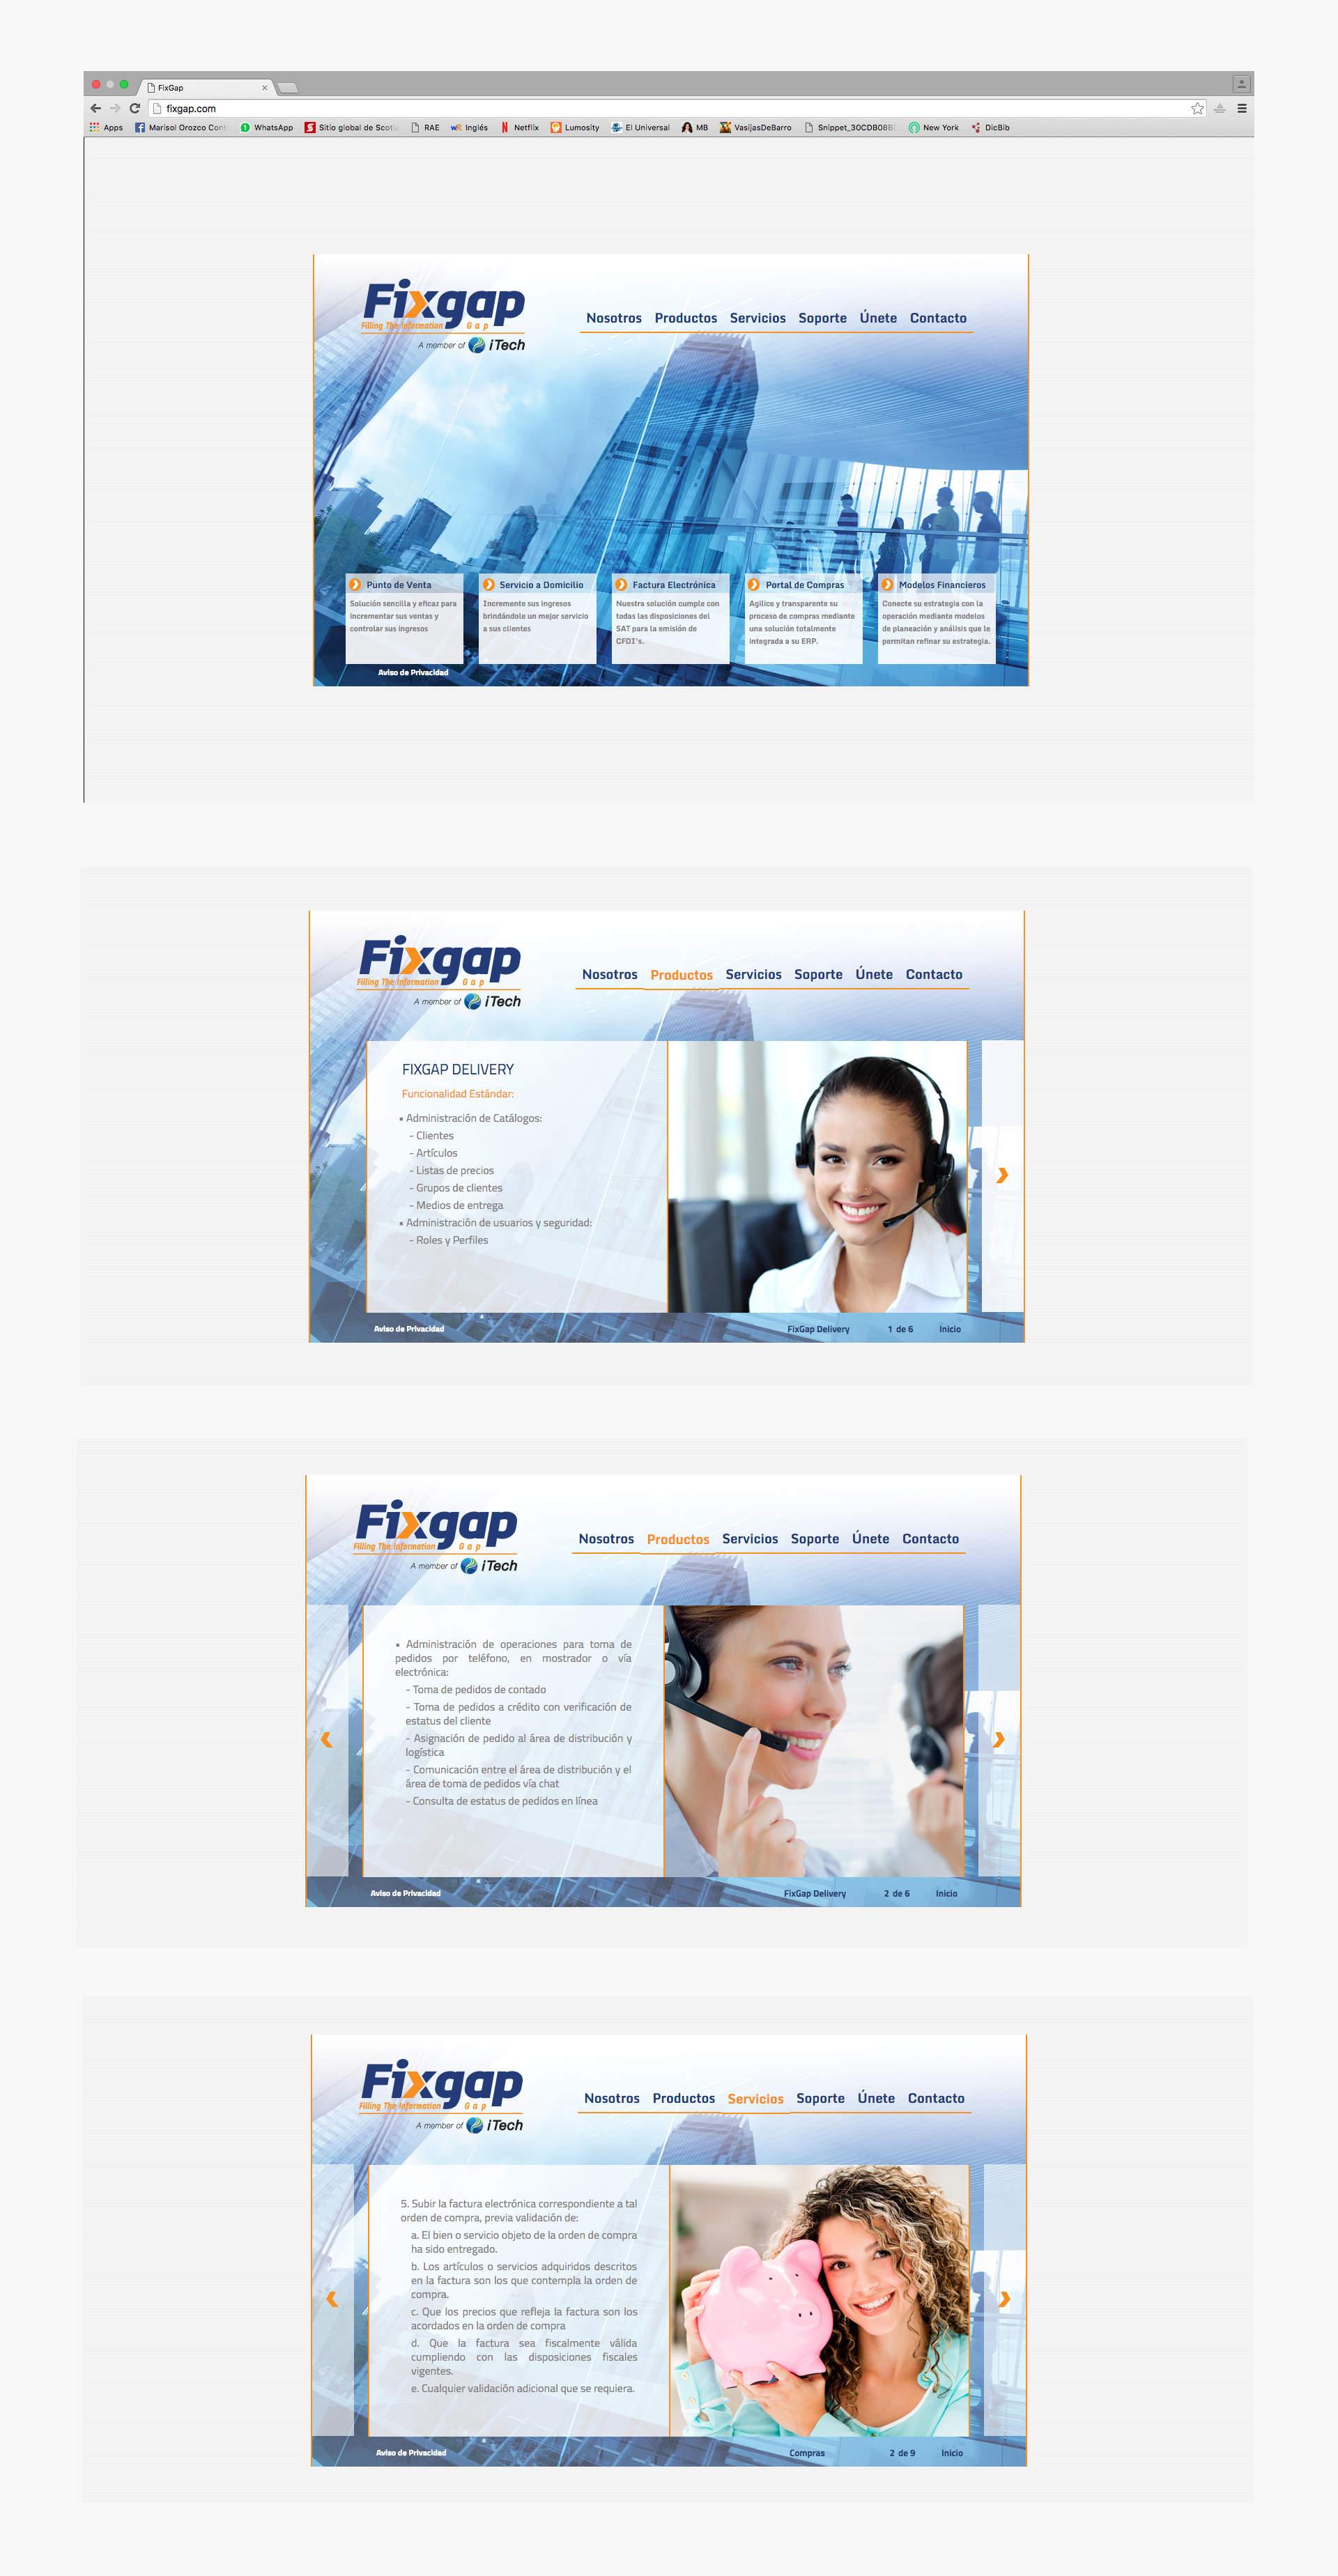 variais paginas del sitio web de fixgap